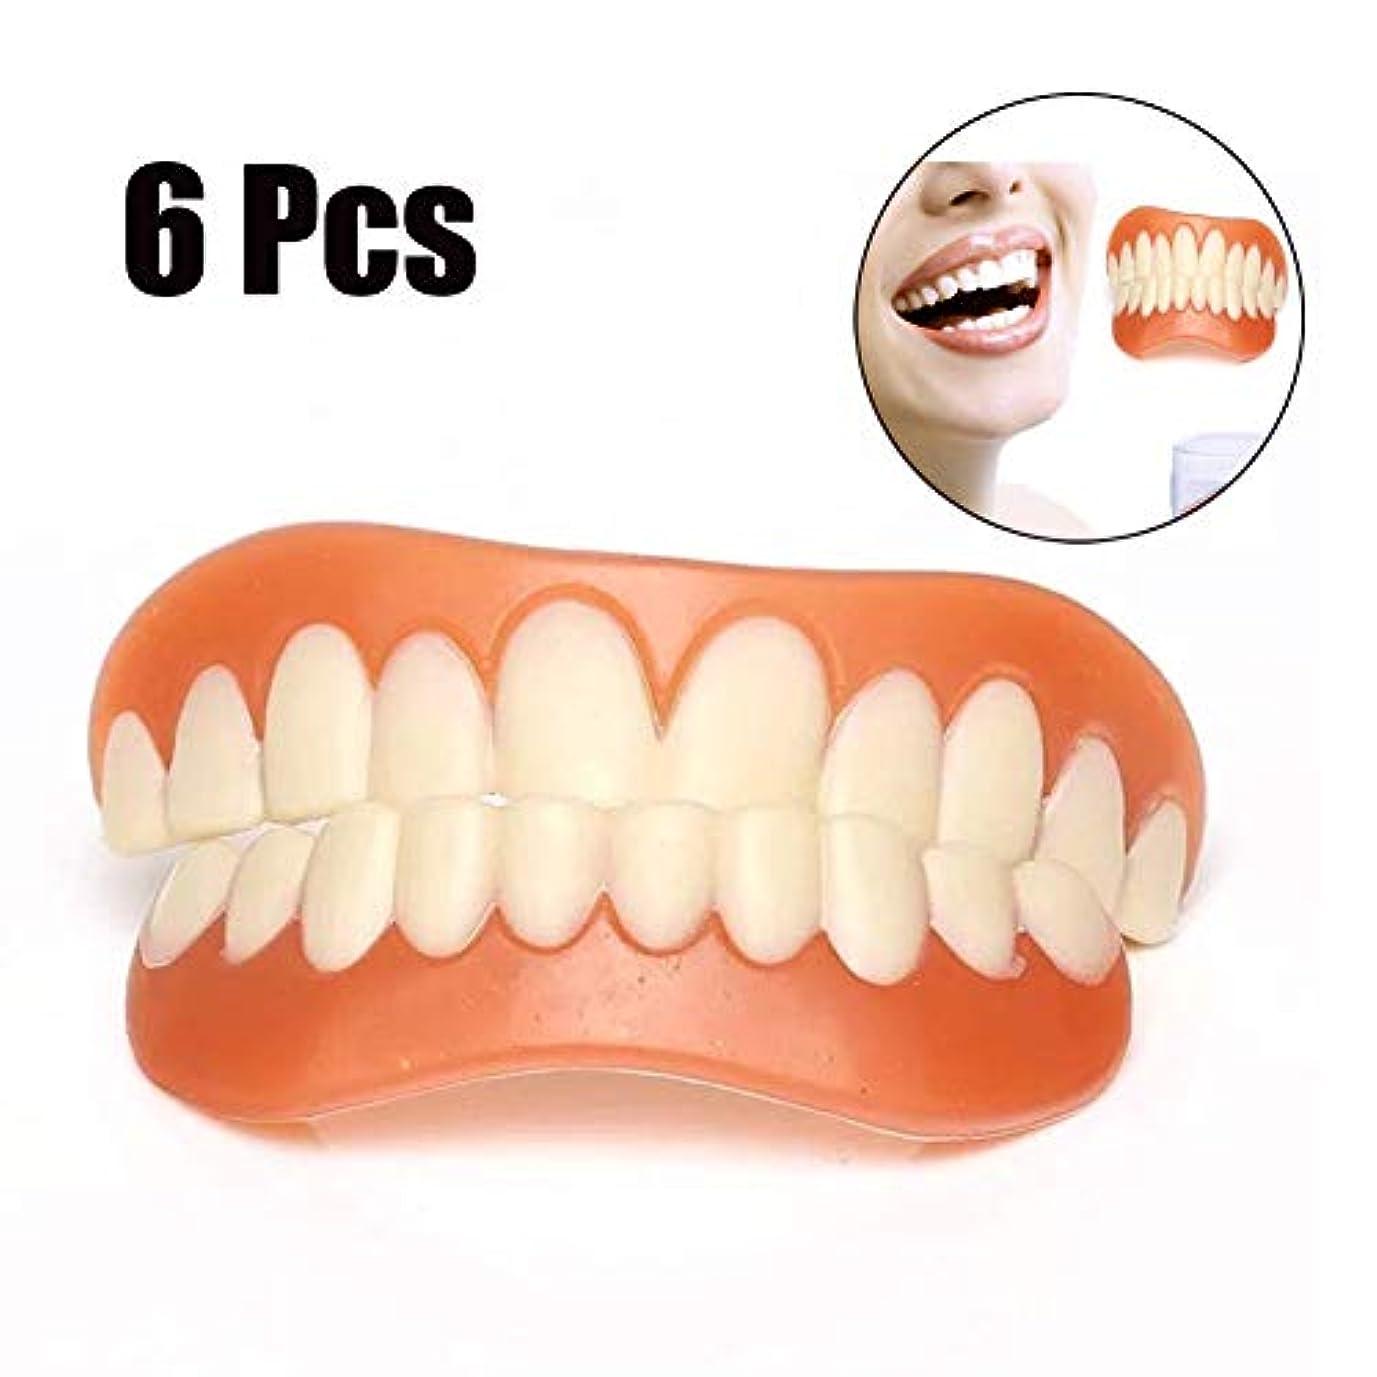 楽しませるよろしく冊子6本のベニアの歯、化粧品の歯3ペア - インスタントスマイルコンフォートフィットフレックス化粧品の歯、ワンサイズ、快適なトップとボトムベニア